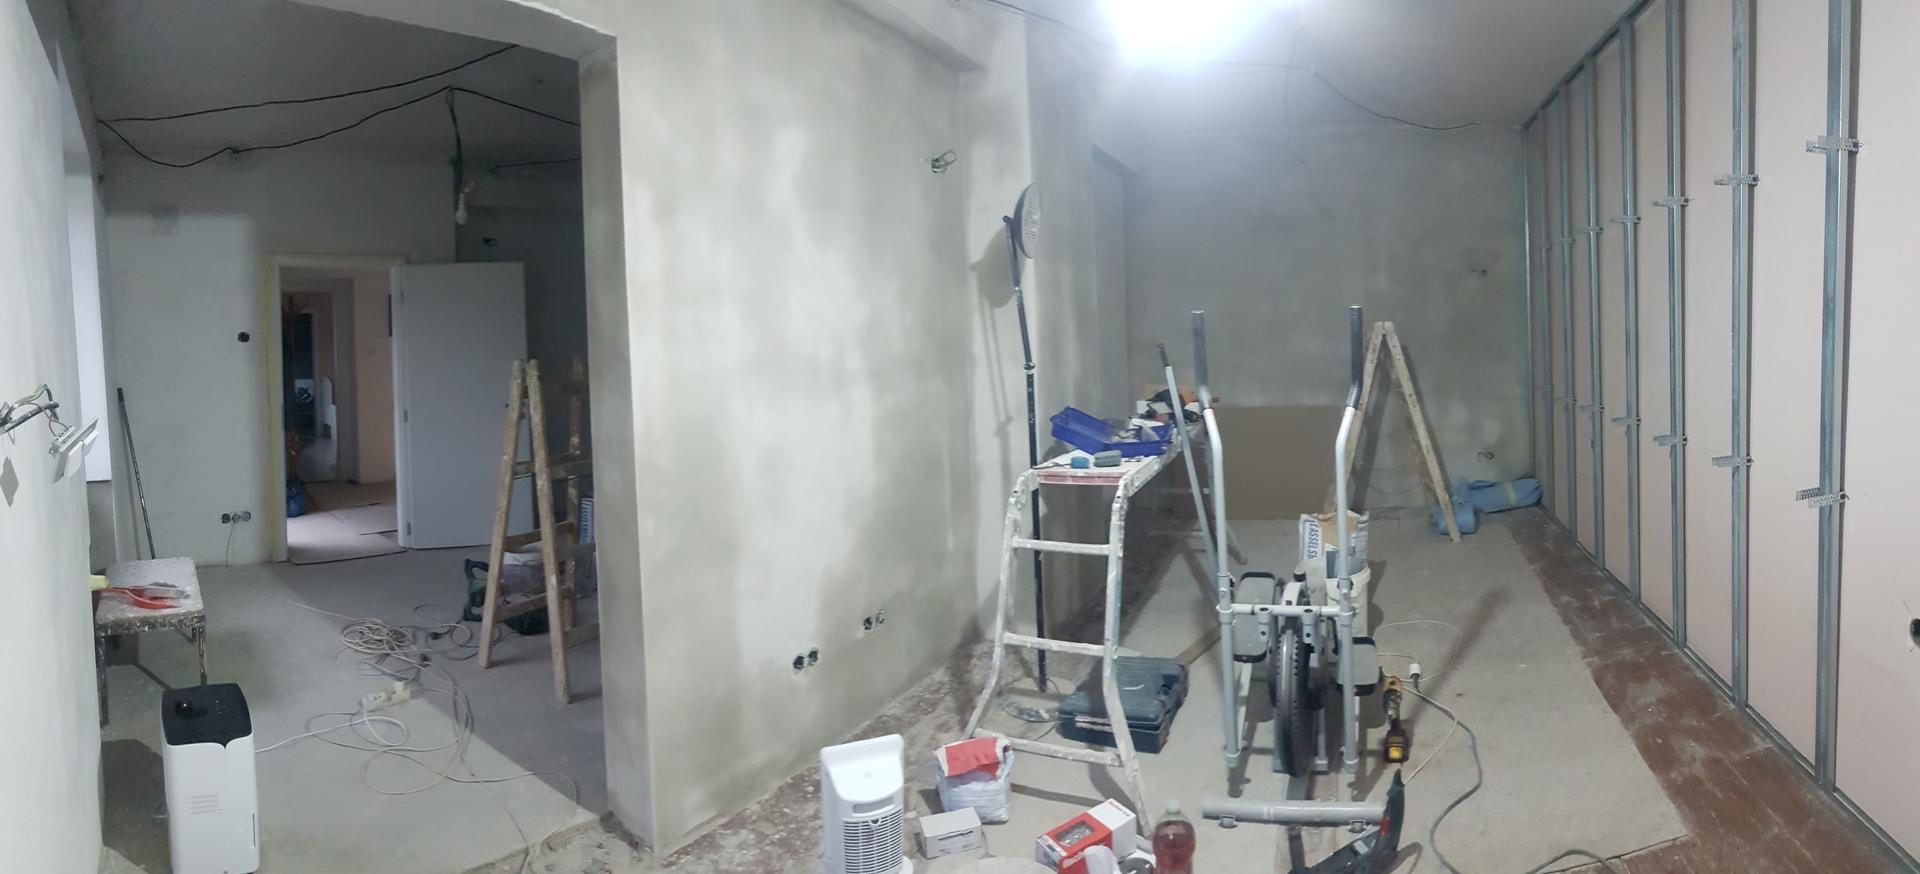 Naša rekonštrukcia - ... keďže zadná stena bola strašne krivá, rozhodli sme sa pre sadrokartónovú predstenu